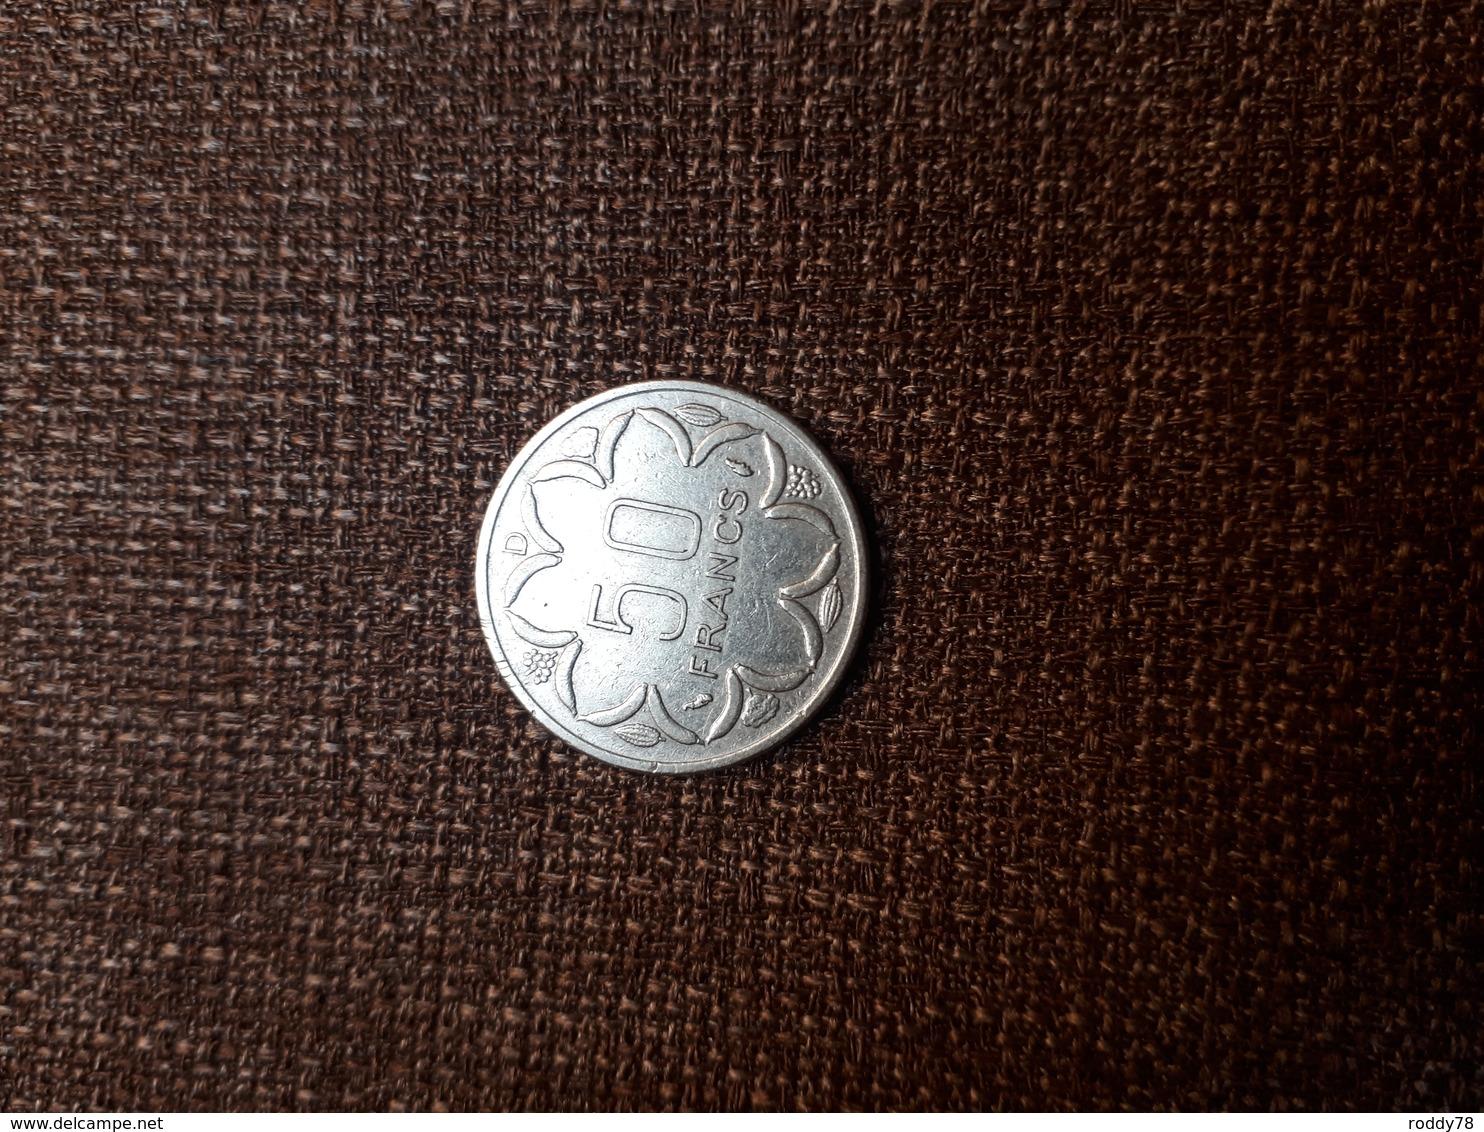 Central African States - Afrique Centrale 50 Francs 1976 D - Monnaies